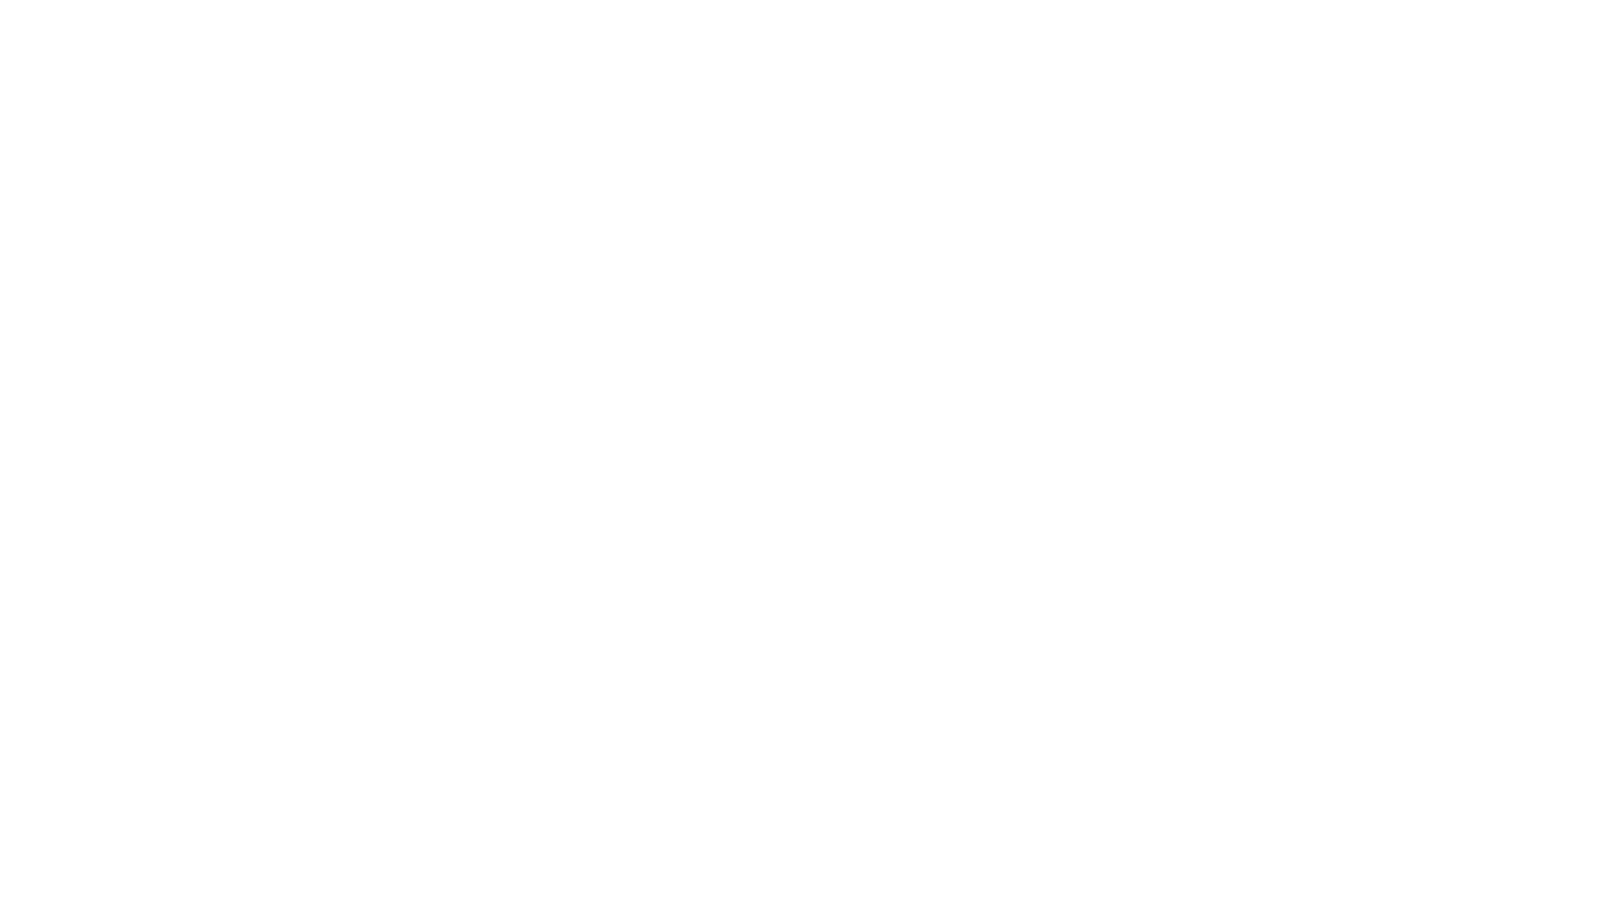 🛡️ Dark Souls II Playlist: https://youtube.com/playlist?list=PLXzydaAW_tnRcyuU9nmUlpe1j6cmYTIQP 🛡️ Dark Souls II Webseite: https://de.bandainamcoent.eu/dark-souls/dark-souls-ii 🔻 Mehr Infos beim Aufklappen 🔻  ····················································································  Dark Souls II: Scholar of the First Sin  Das herausforderndste Spiel des Jahres 2014 erscheint in einer erweiterten Fassung auf der PS4, Xbox ONE und dem PC mit verbessertem Inhalt und besserer Grafik. Geniesst das vollständige Dark Souls II Erlebnis mit Dark Souls II: Scholar of the First Sin. Eine exzellente Herausforderung, Erfolge sowie Verbesserungen, angetrieben von der Leidenschaft und dem Talent des bekannten japanischen Entwicklerstudios FromSoftware erwarten dich.  ····················································································  🕹 GAME INFOS  Originaltitel: ダークソウルII Transkription: Dāku Sōru Tsū Studio: From Software Publisher: Bandai Namco Games Erstveröffentlichung: 11. März 2014 Plattform: PlayStation 3, Xbox 360, Microsoft Windows, PlayStation 4, Xbox One Genre: Action-Rollenspiel  ····················································································  ❤️ SUPPORTE UNS  Kaufe das Spiel:  PS4: https://amzn.to/2YN0uSJ * XBOX ONE: https://amzn.to/2XefsQT * PC: https://amzn.to/3p0HNFB *  * Amazon Ref-Links... Du erledigst ganz normal deinen Einkauf bei Amazon und wir bekommen einen kleinen Bonus dafür. Dir entstehen keinerlei Extrakosten!   ····················································································  📺 GameTimeTV: LIVE auf Twitch: http://live.gttv.eu YouTube VoD's: http://yt.gttv.eu Discord: http://dc.gttv.eu http://GameTimeTV.eu  👑 KING: https://twitter.com/HeimGamerKing https://instagram.com/HeimGamerKing Zweitkanal: http://yt.heimgamerking.de http://heimgamerking.de  👑 QUEEN: https://twitter.com/CouchKoopQueen https://instagram.com/CouchKoopQueen http://couchkoopqueen.de ····································